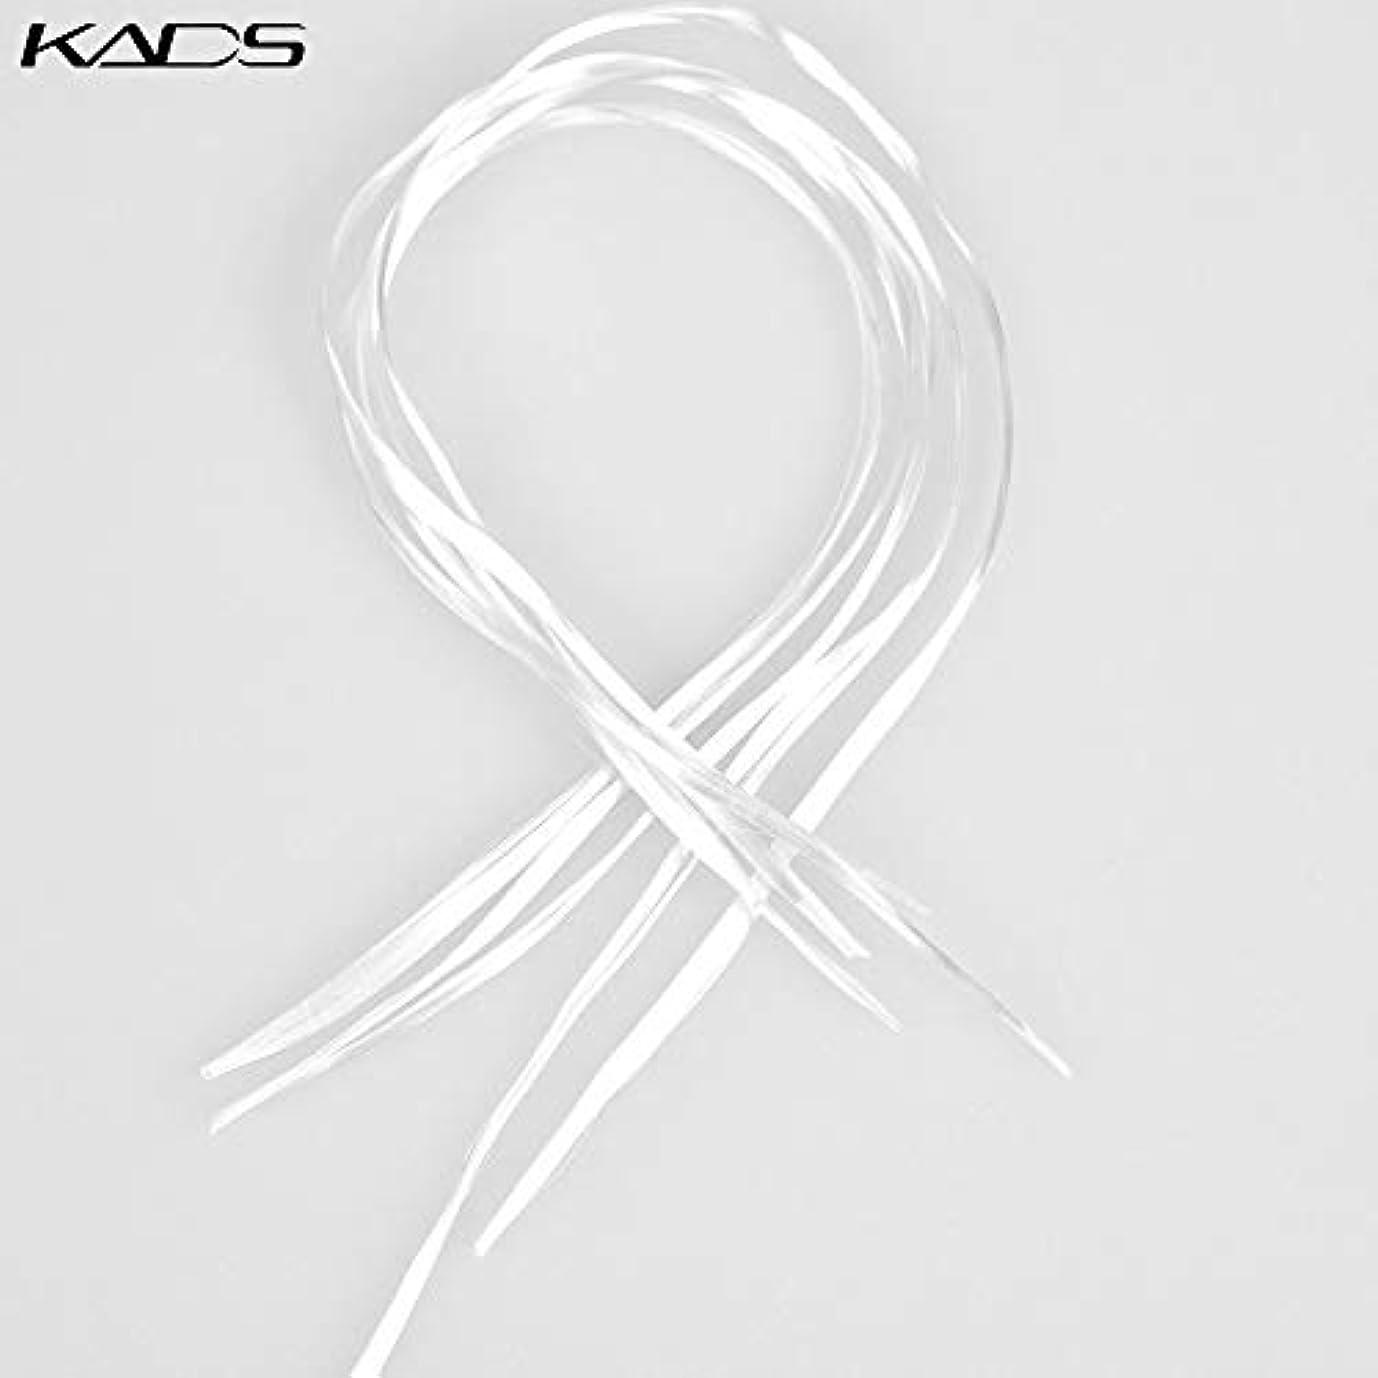 矢印アクセント抽象化KADS ネイル延長繊維 ファイバーグラス 長さだし用 ネイルエクステンション用ツール 200CM